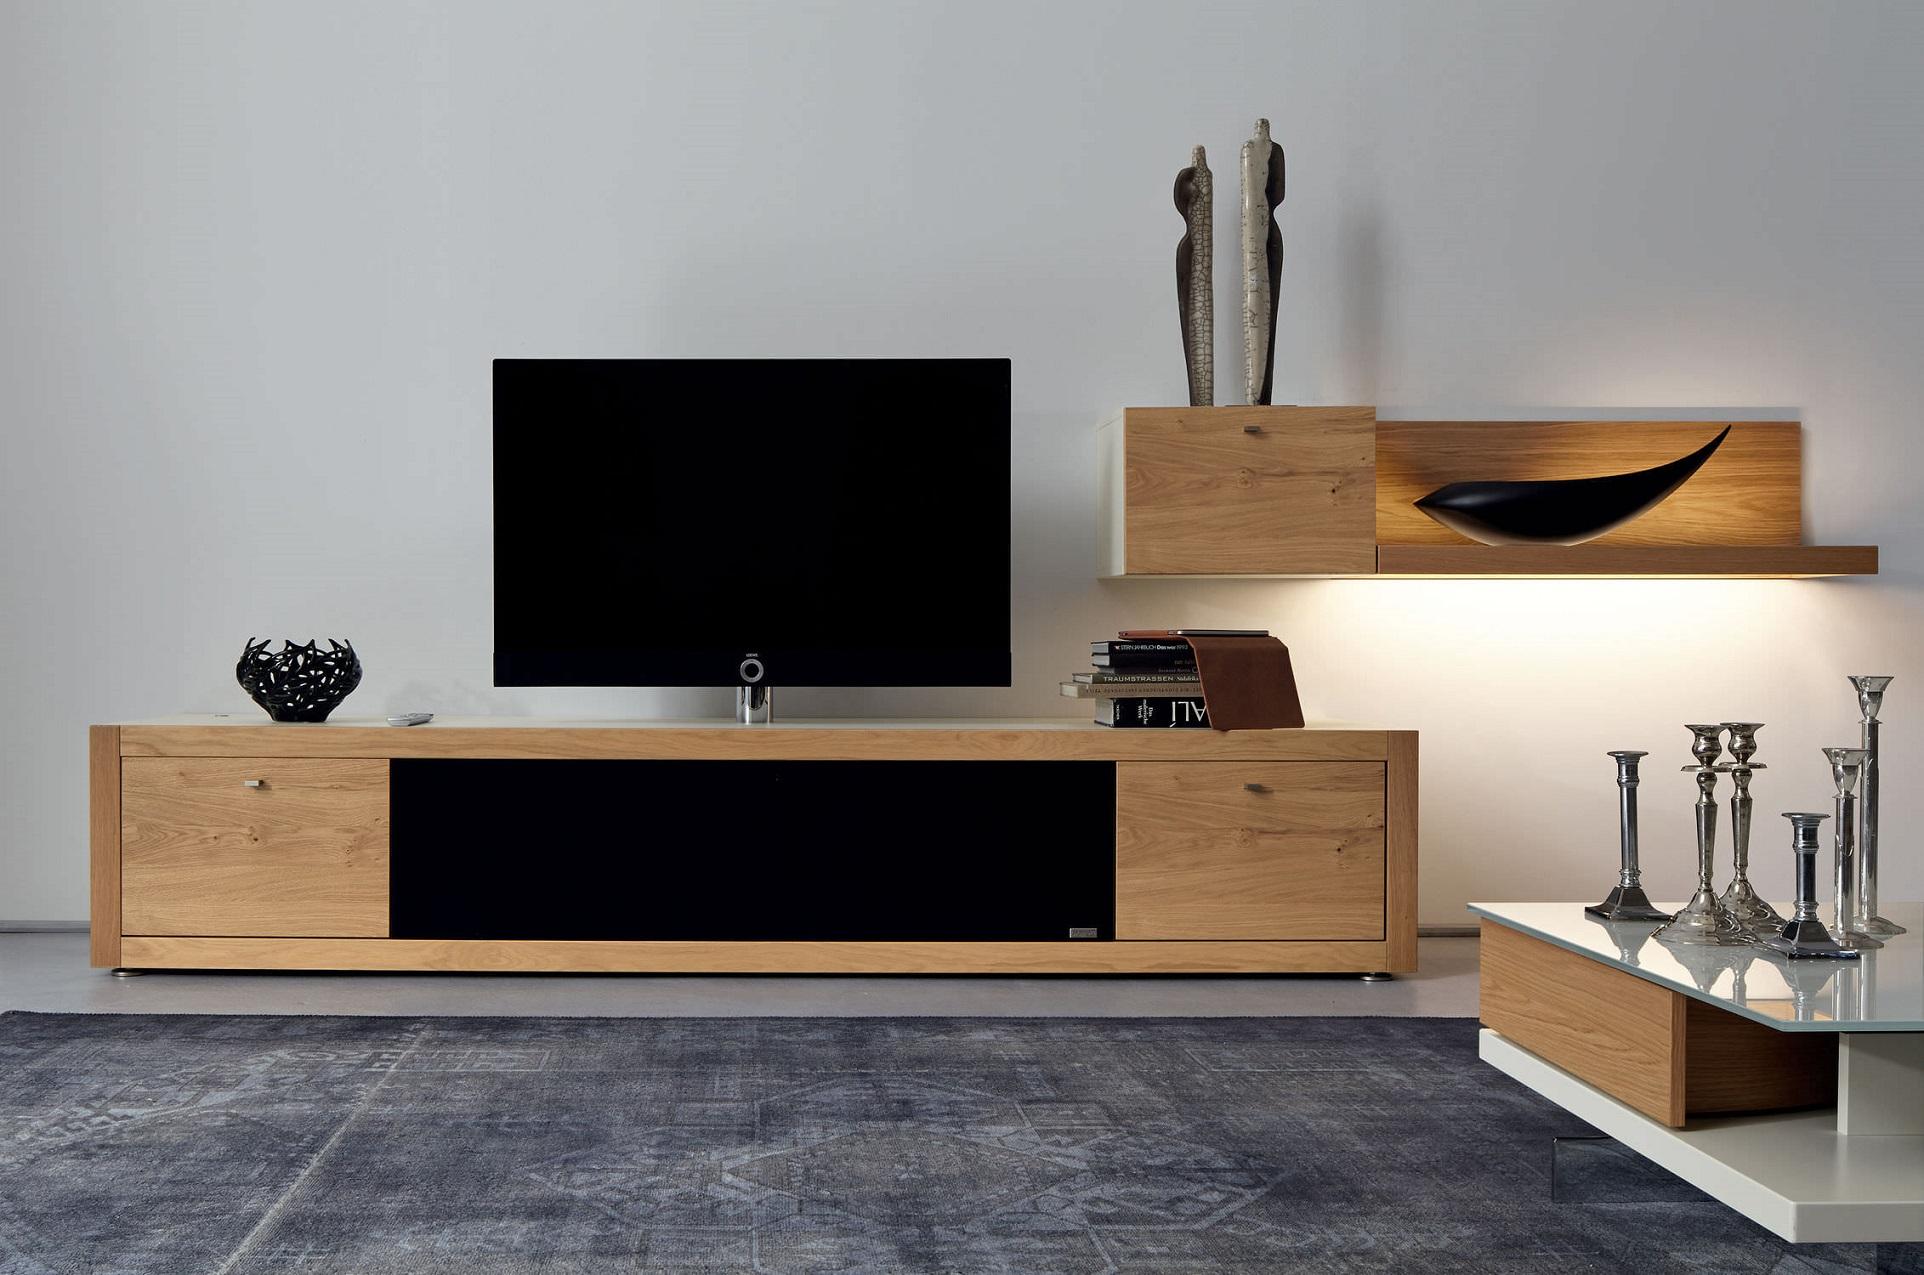 Какую мебель выбрать под телевизор